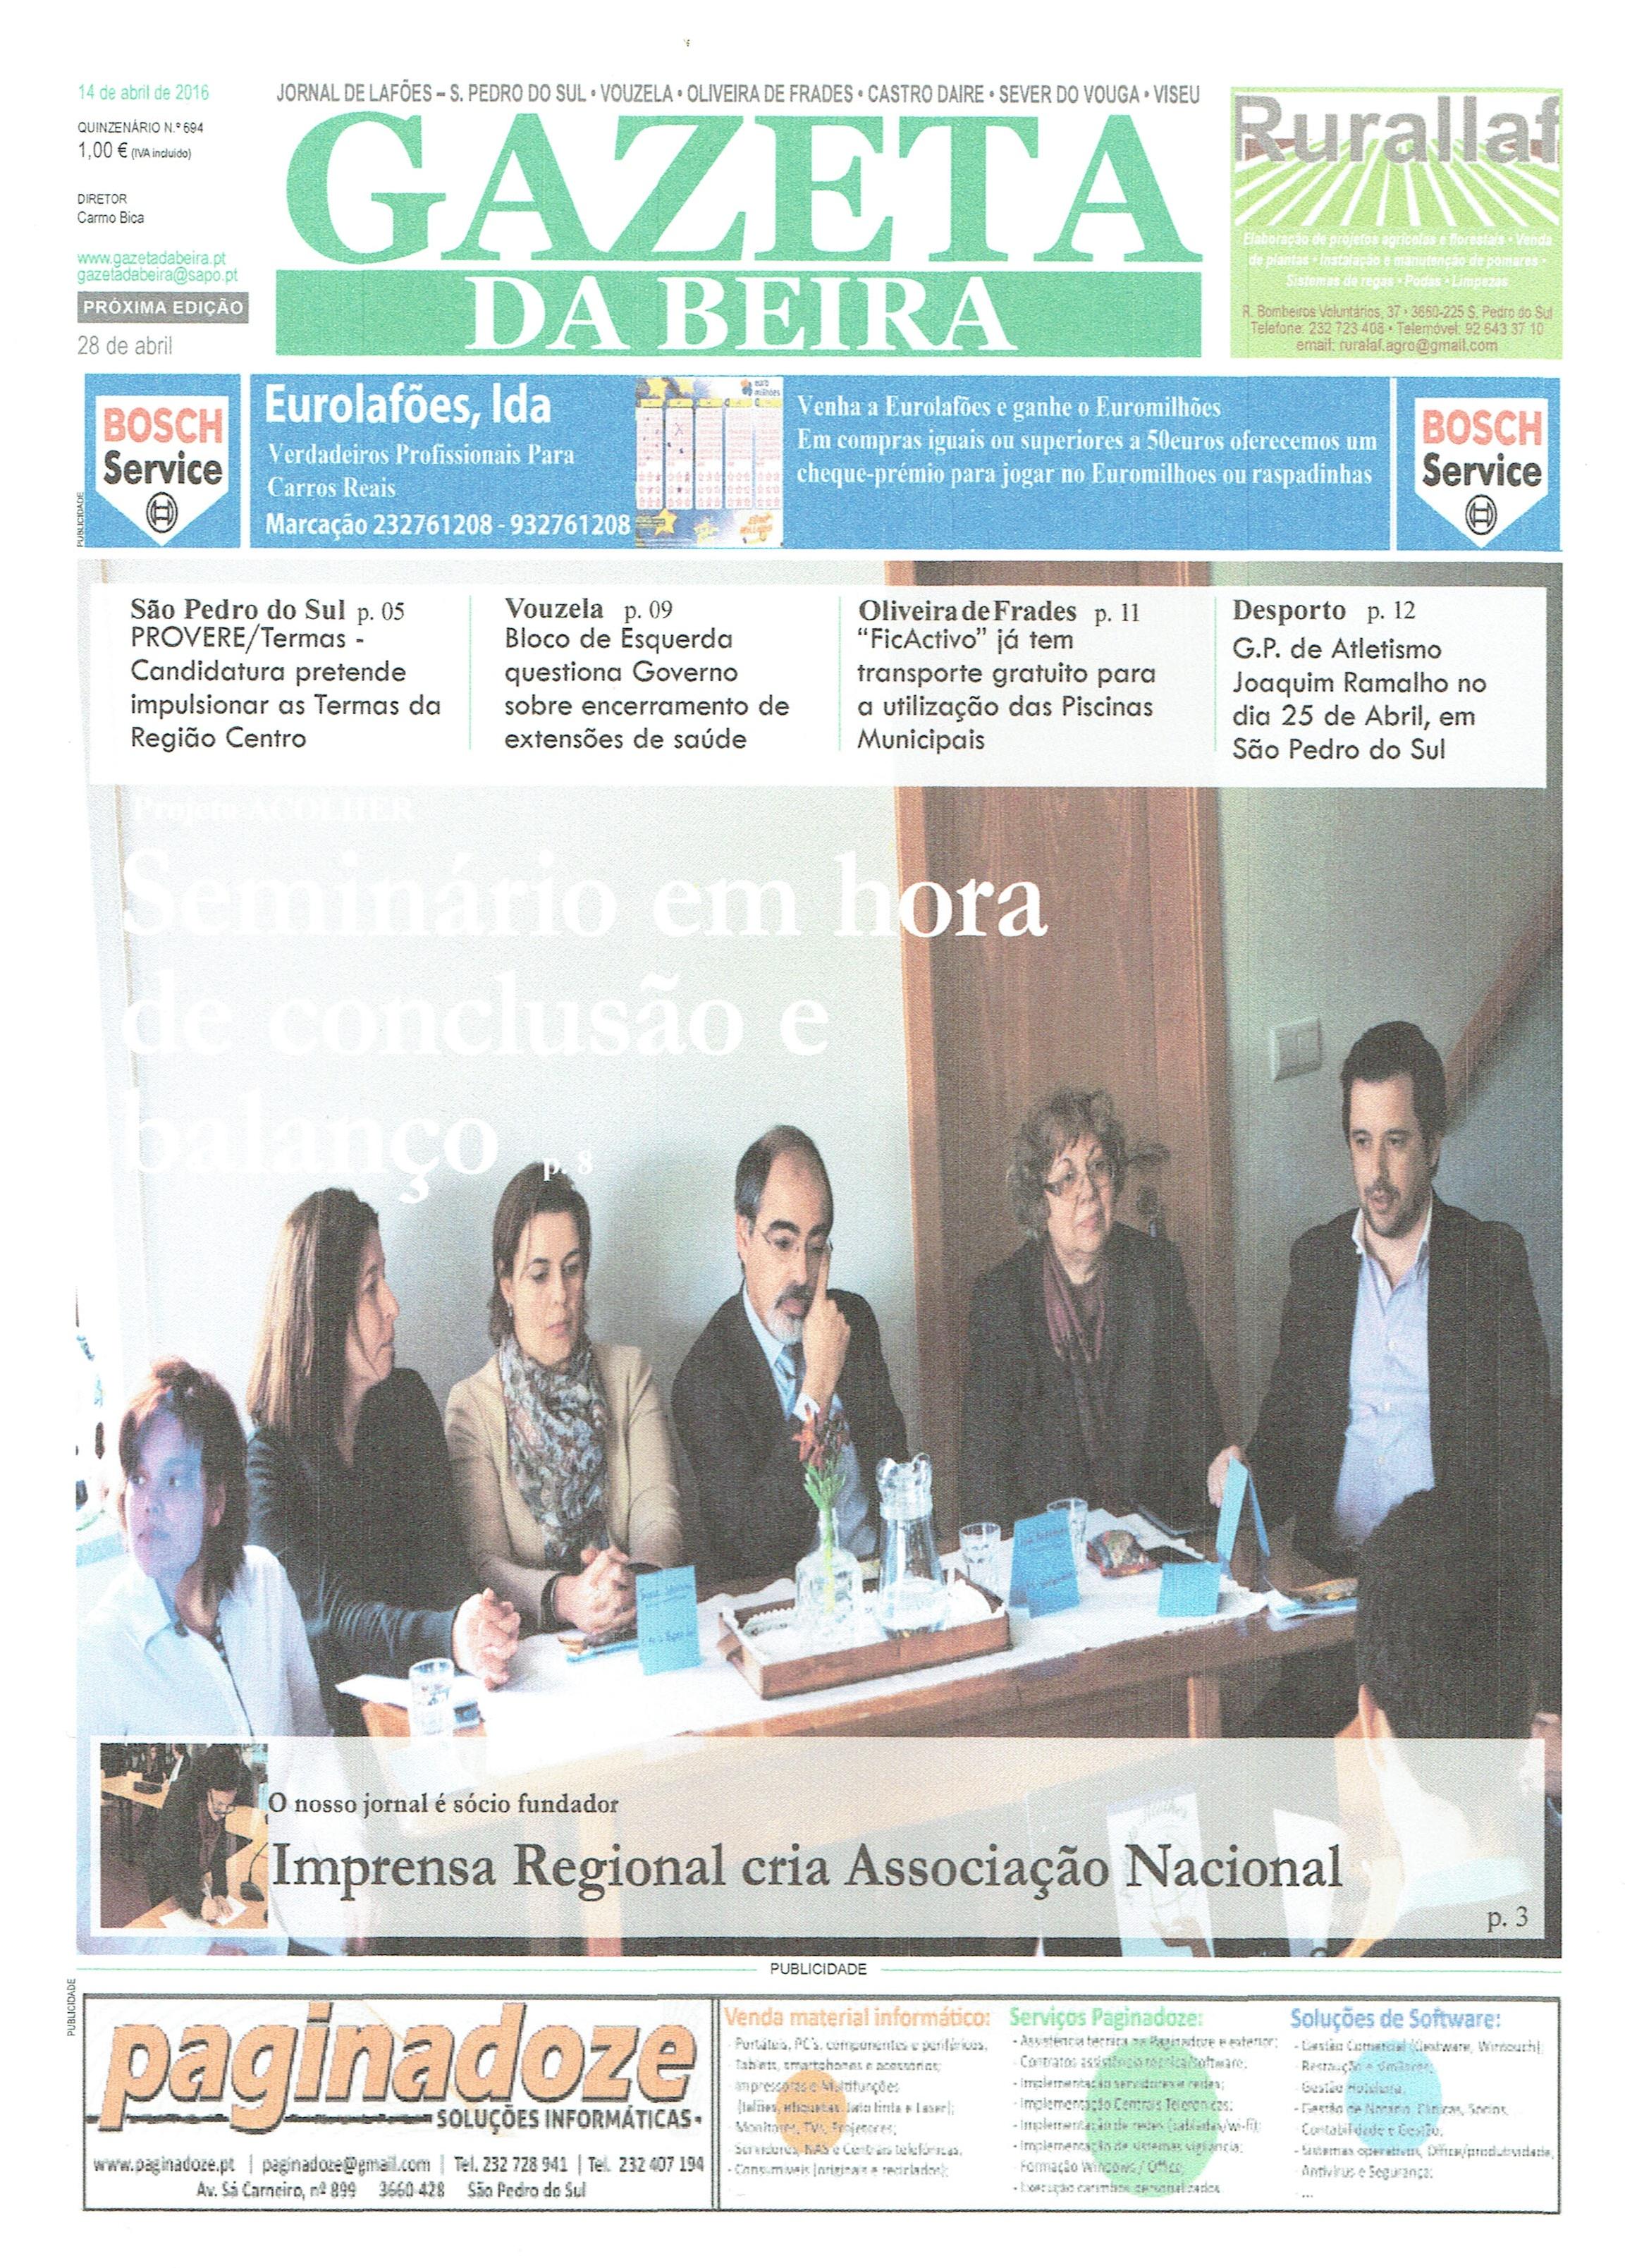 Notícia do Jornal Gazeta da Beira sobre o Seminário final do Projeto ACOLHER